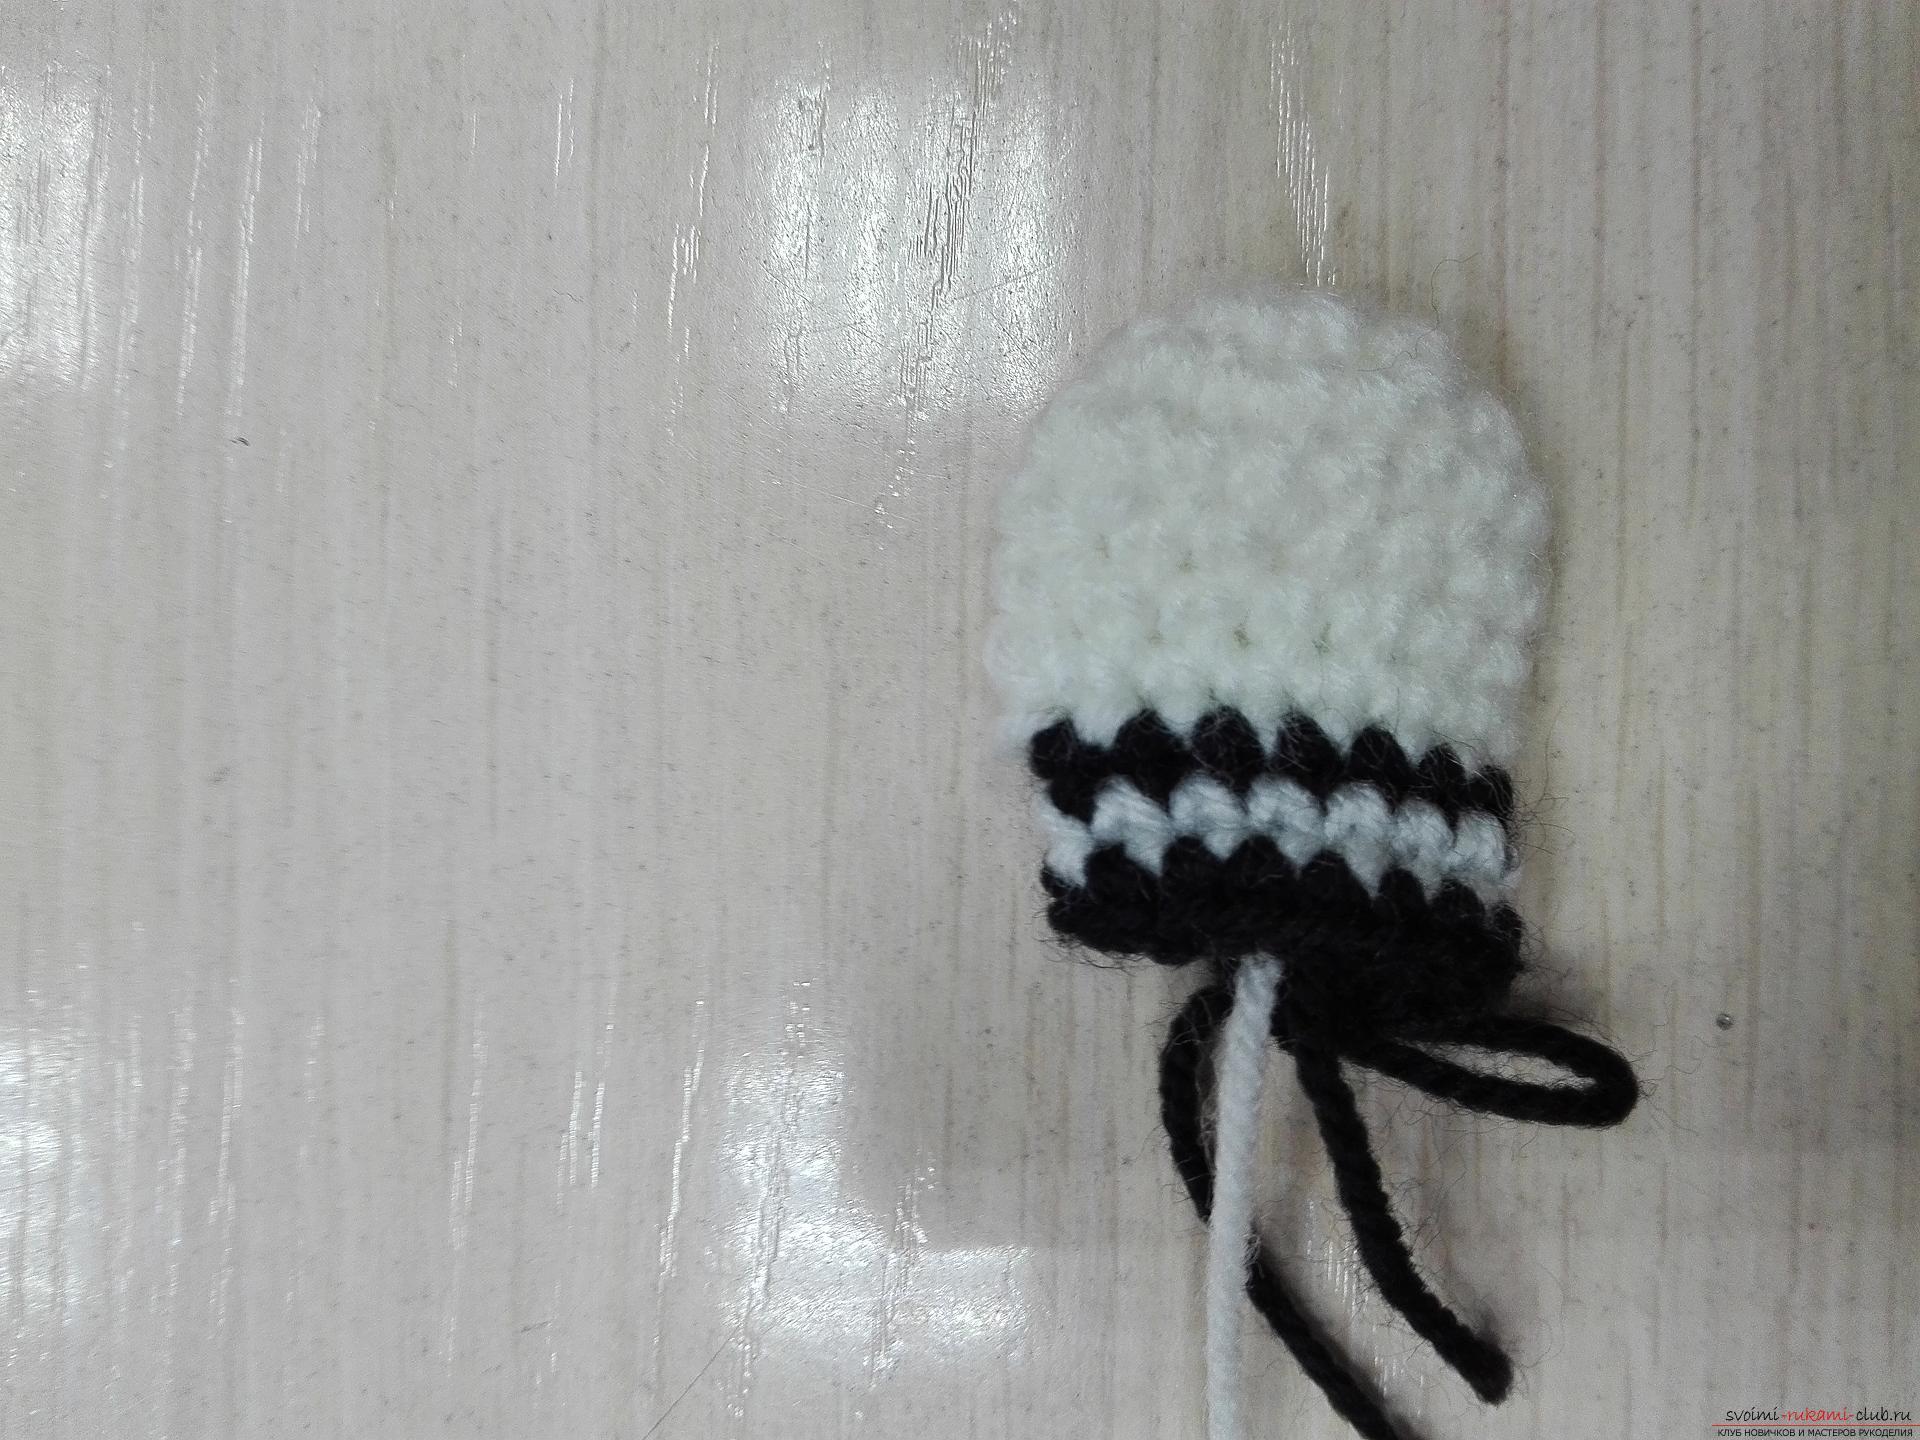 Тази майсторска играчка клас сама учи как да вратовръзка зебра плетене на една кука. Снимка номер 22